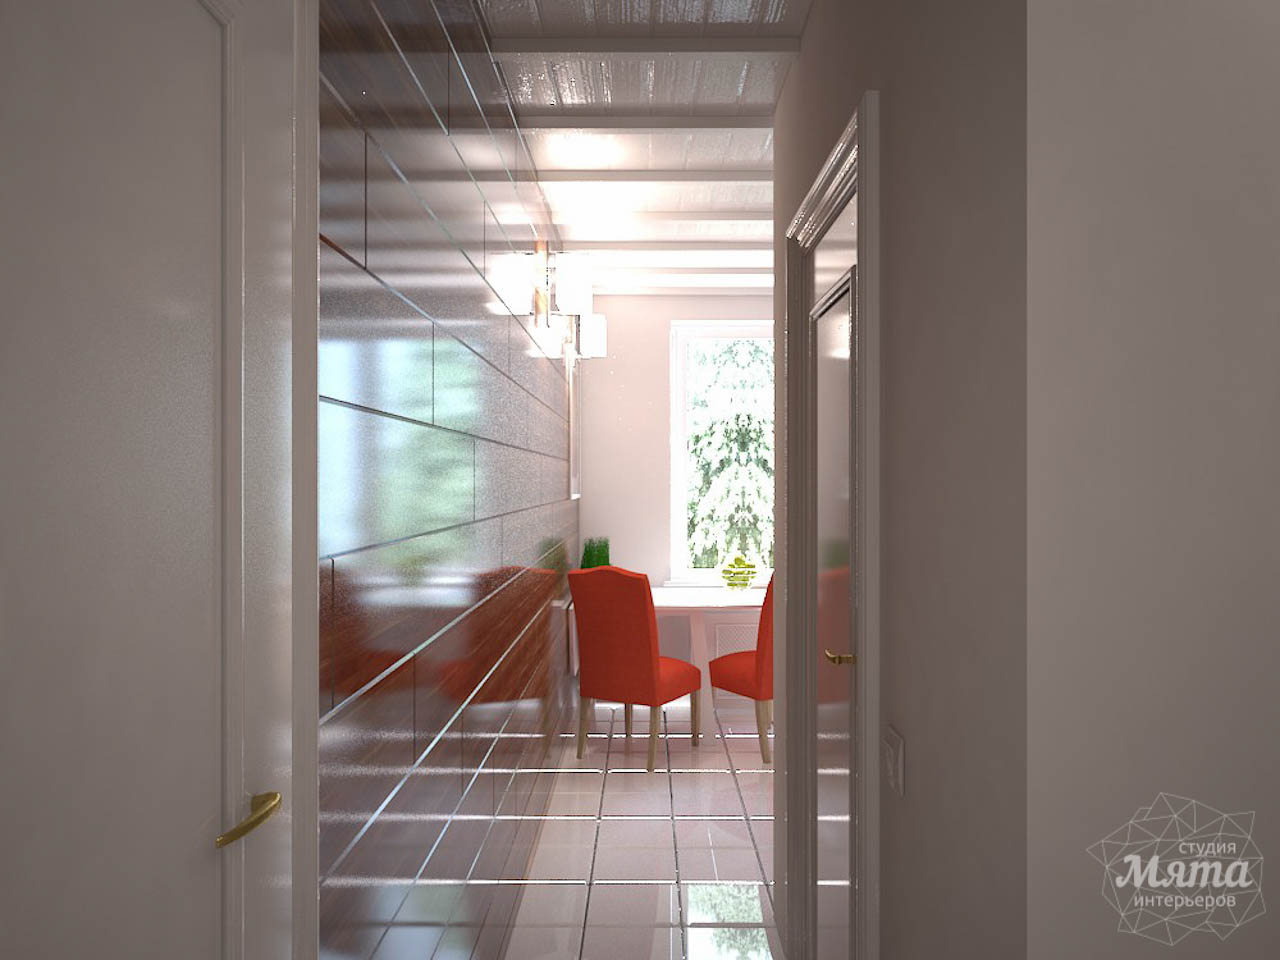 Дизайн интерьера однокомнатной квартиры в стиле минимализм по ул. Чапаева 30 img1157811578